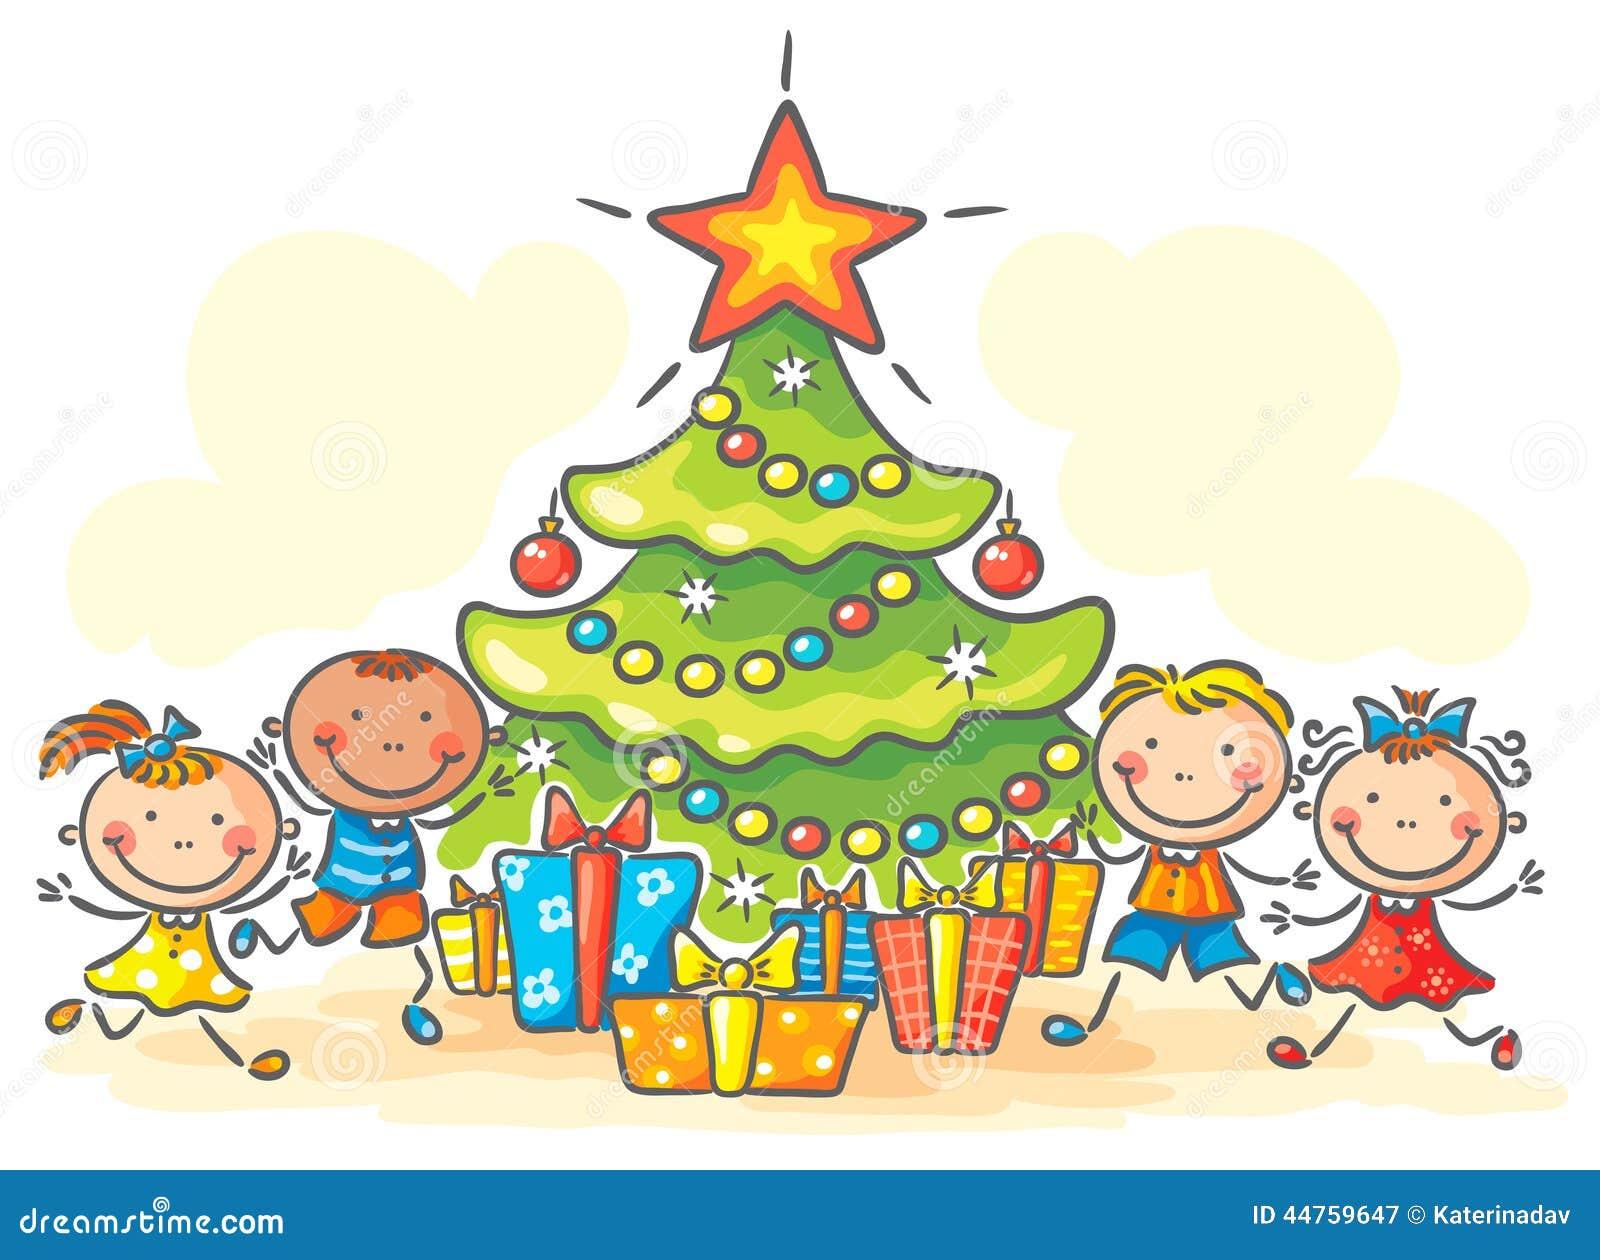 kinder die geschenke f r weihnachten erhalten vektor. Black Bedroom Furniture Sets. Home Design Ideas